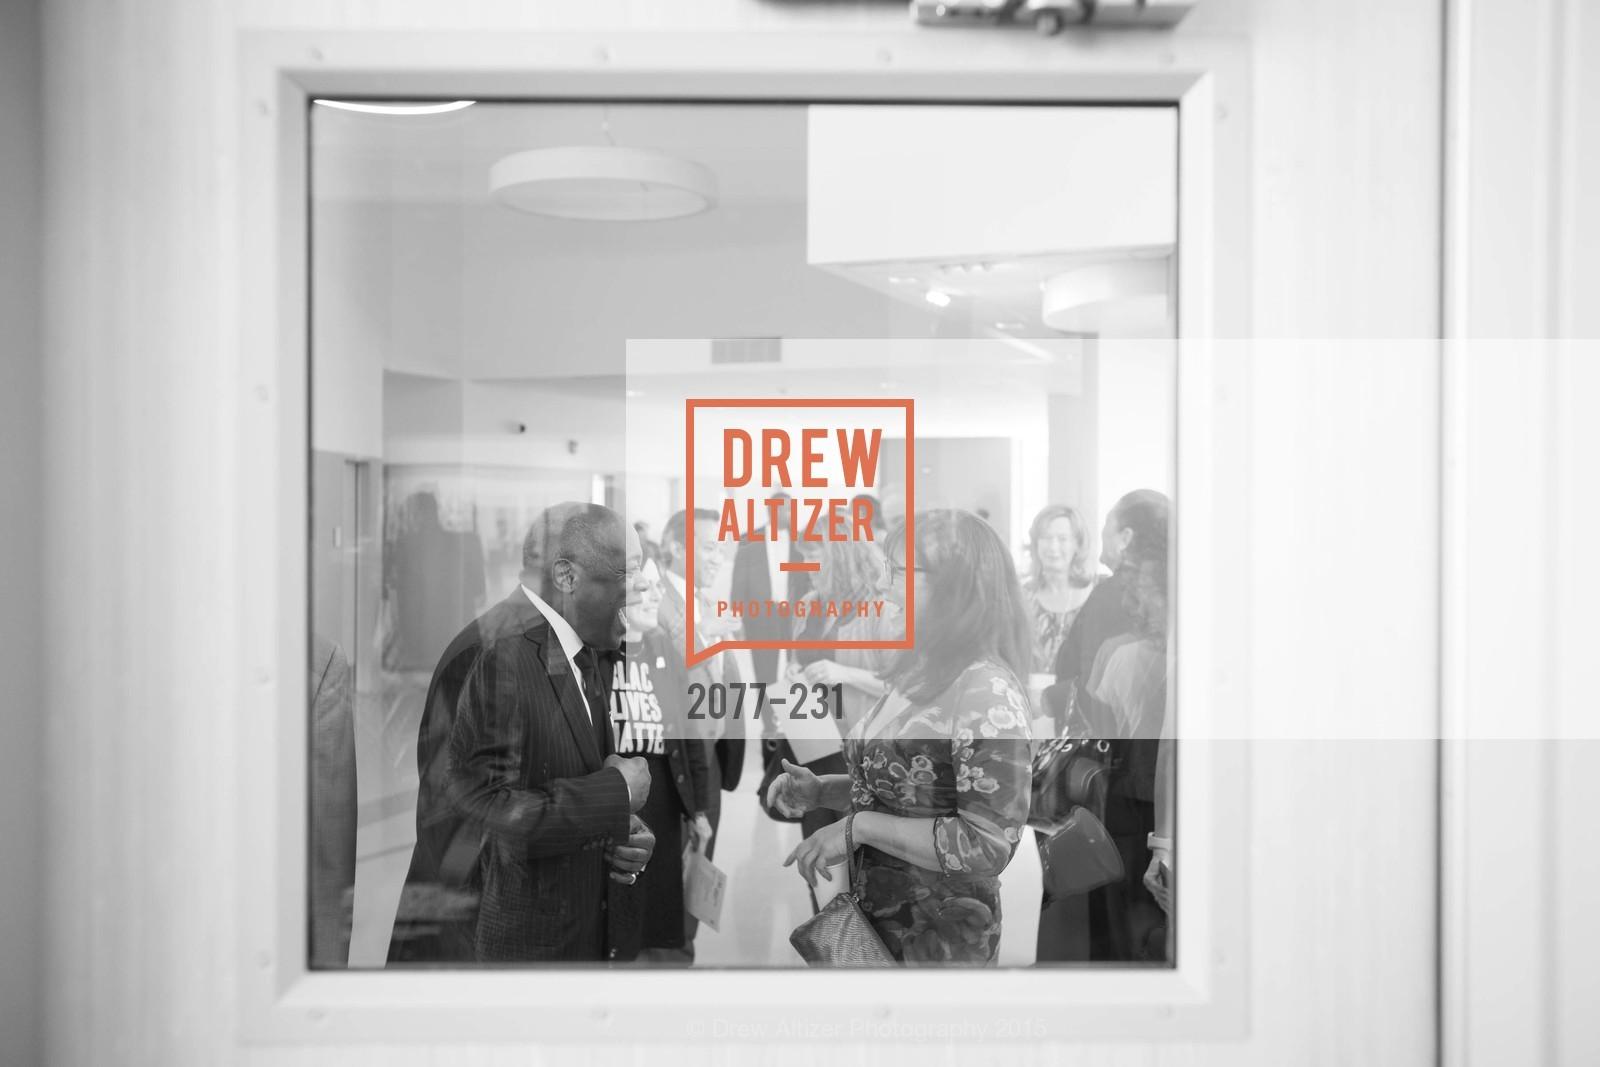 Willie Brown, Photo #2077-231